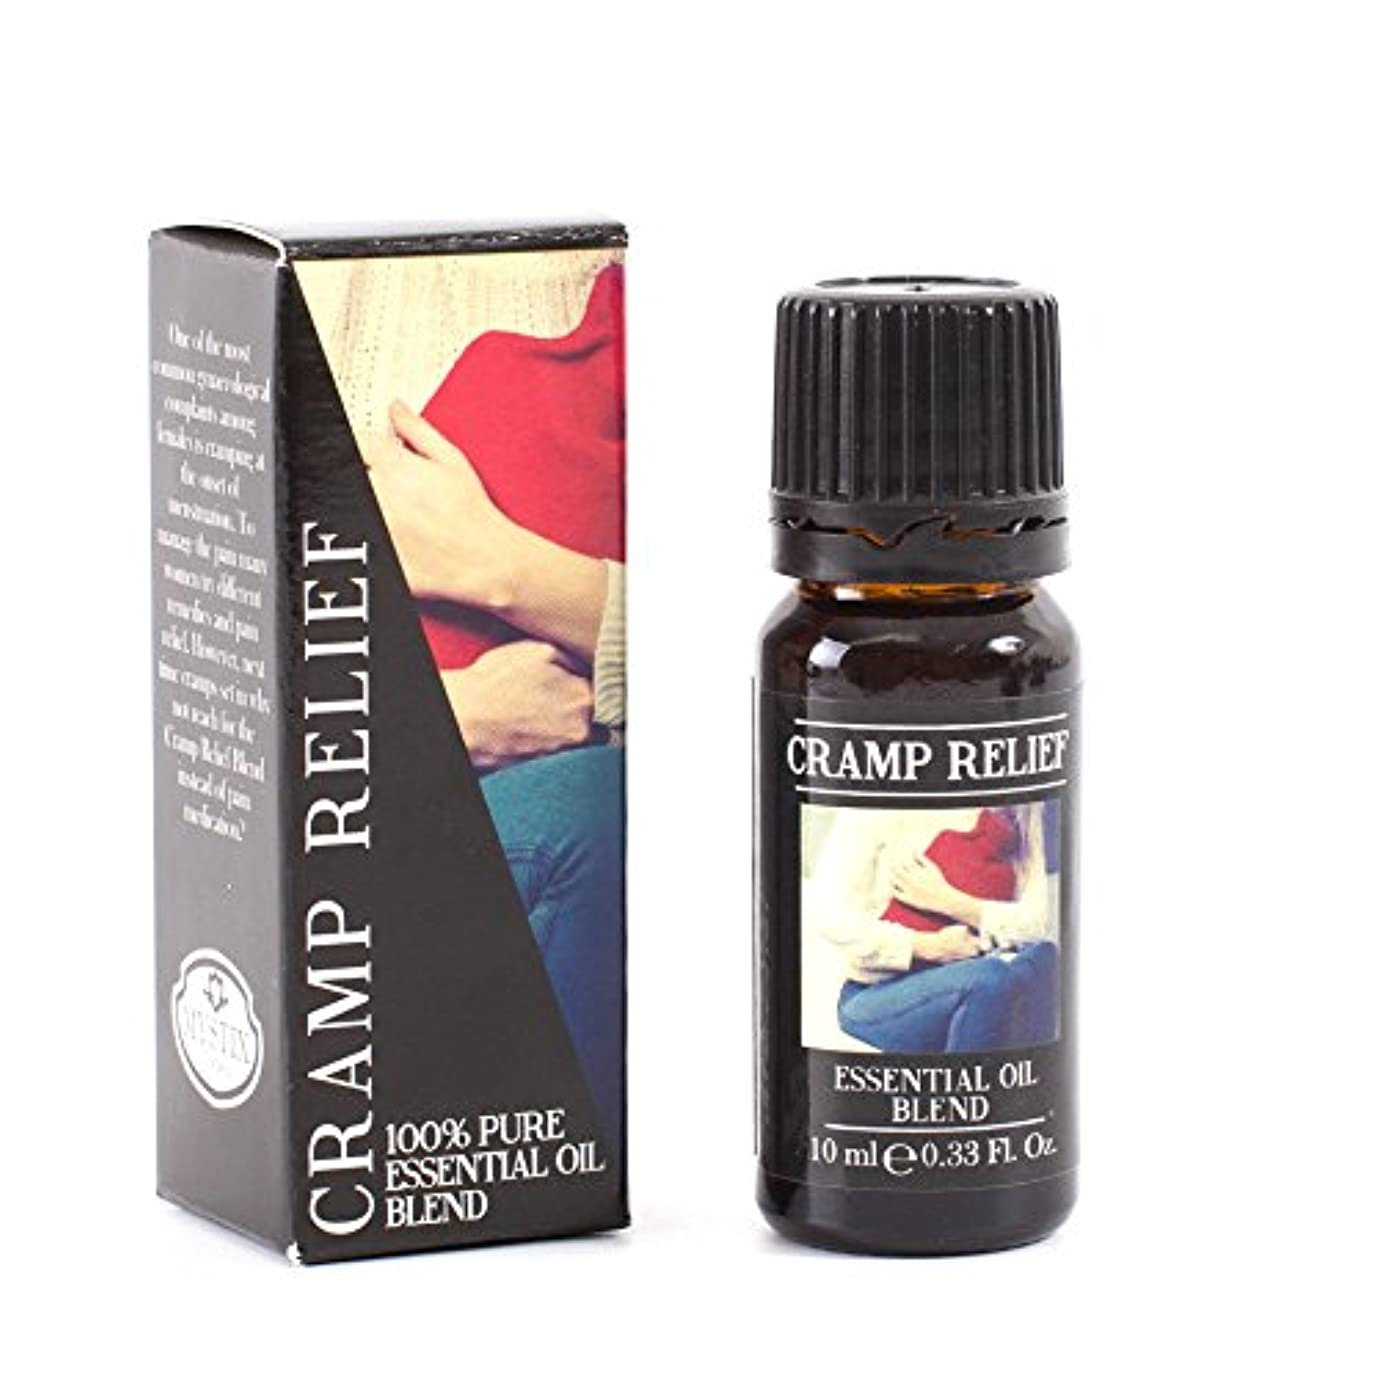 繰り返す増幅リビジョンMystix London | Cramp Relief Essential Oil Blend - 10ml - 100% Pure